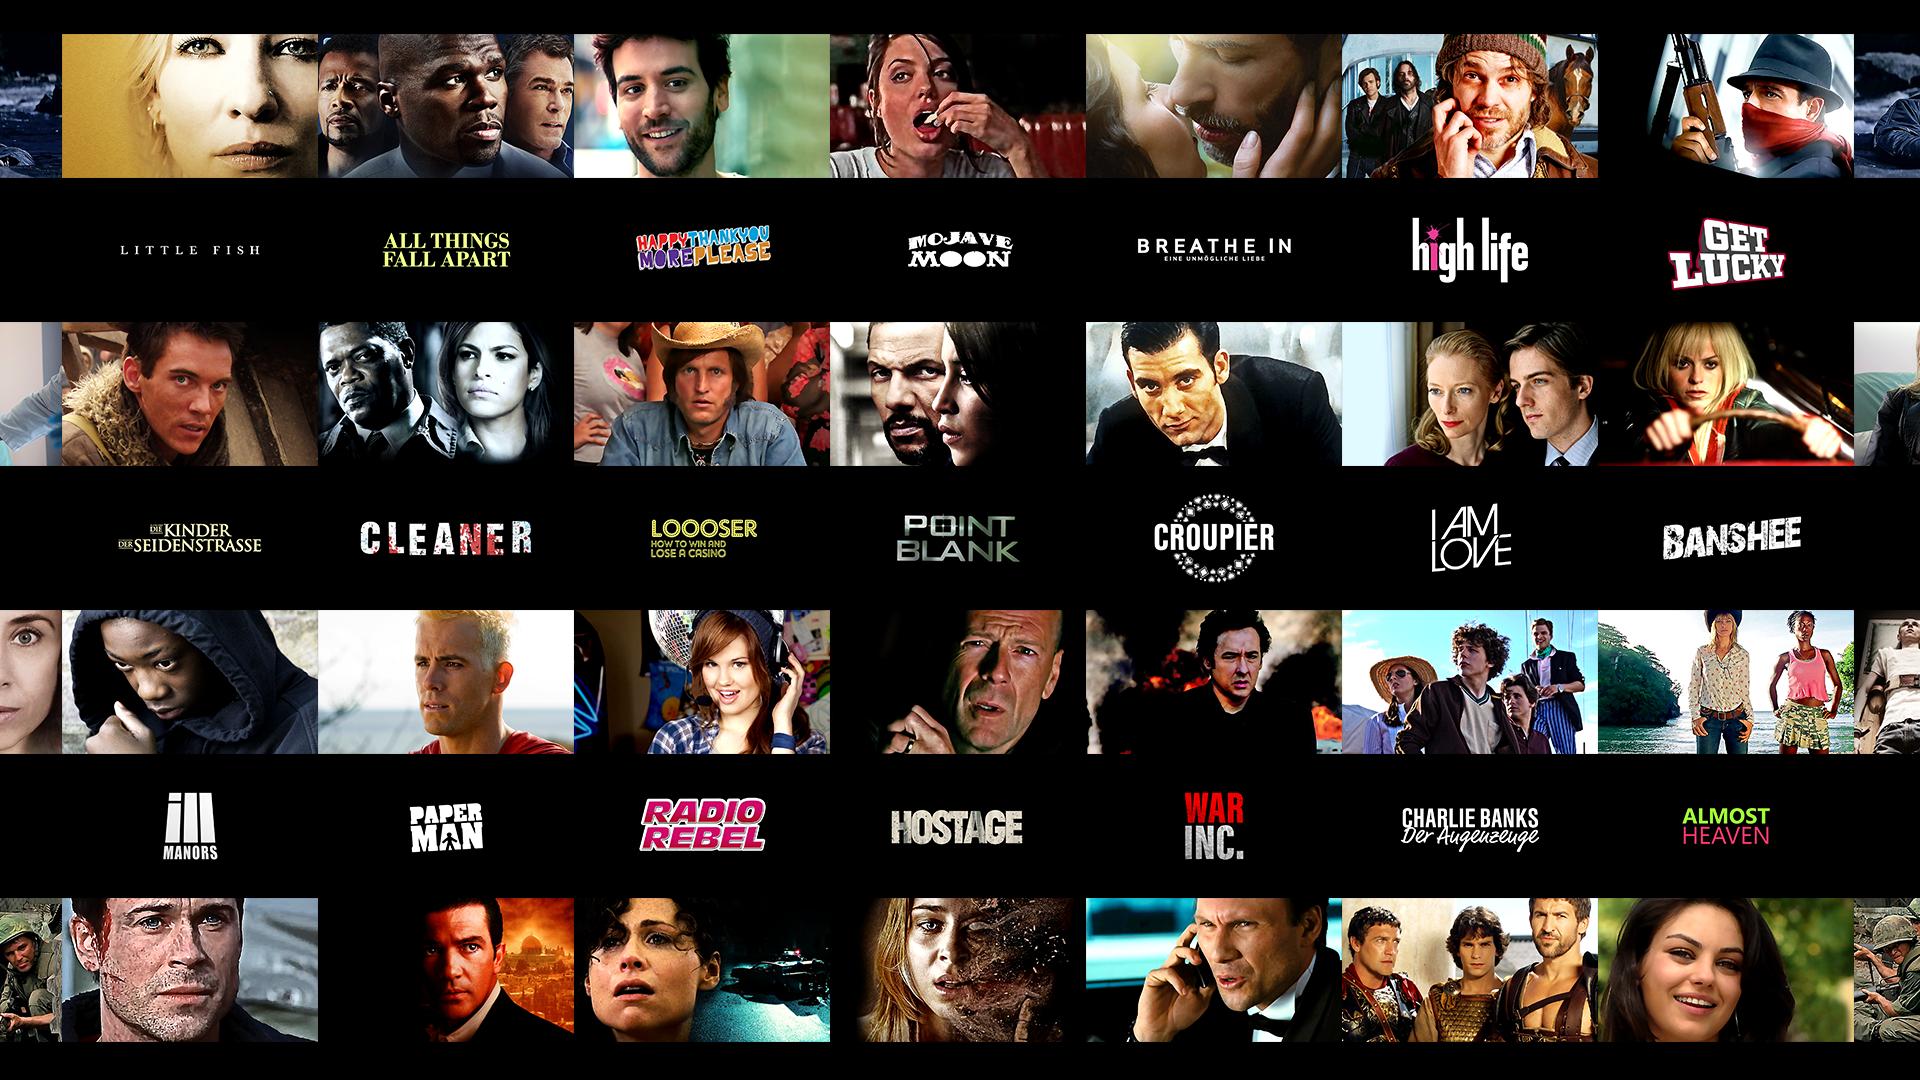 Netzkino, Filme, Movies, Videos, TV – legal und kostenlos Spielfilme schauen - 13